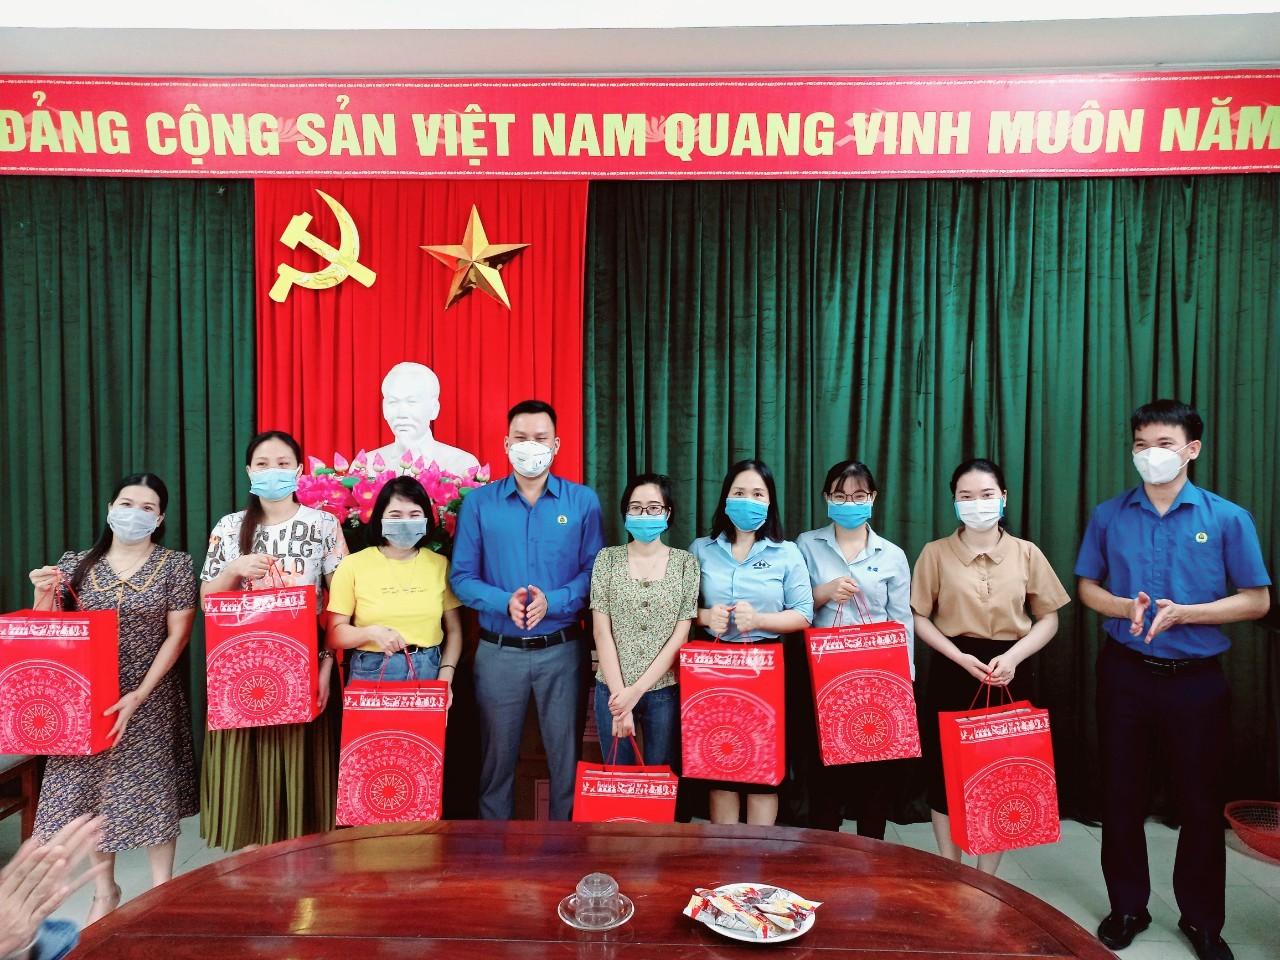 Công đoàn các Khu kinh tế tỉnh: Sôi nổi các hoạt động Kỷ niệm ngày Phụ nữ Việt Nam 20/10